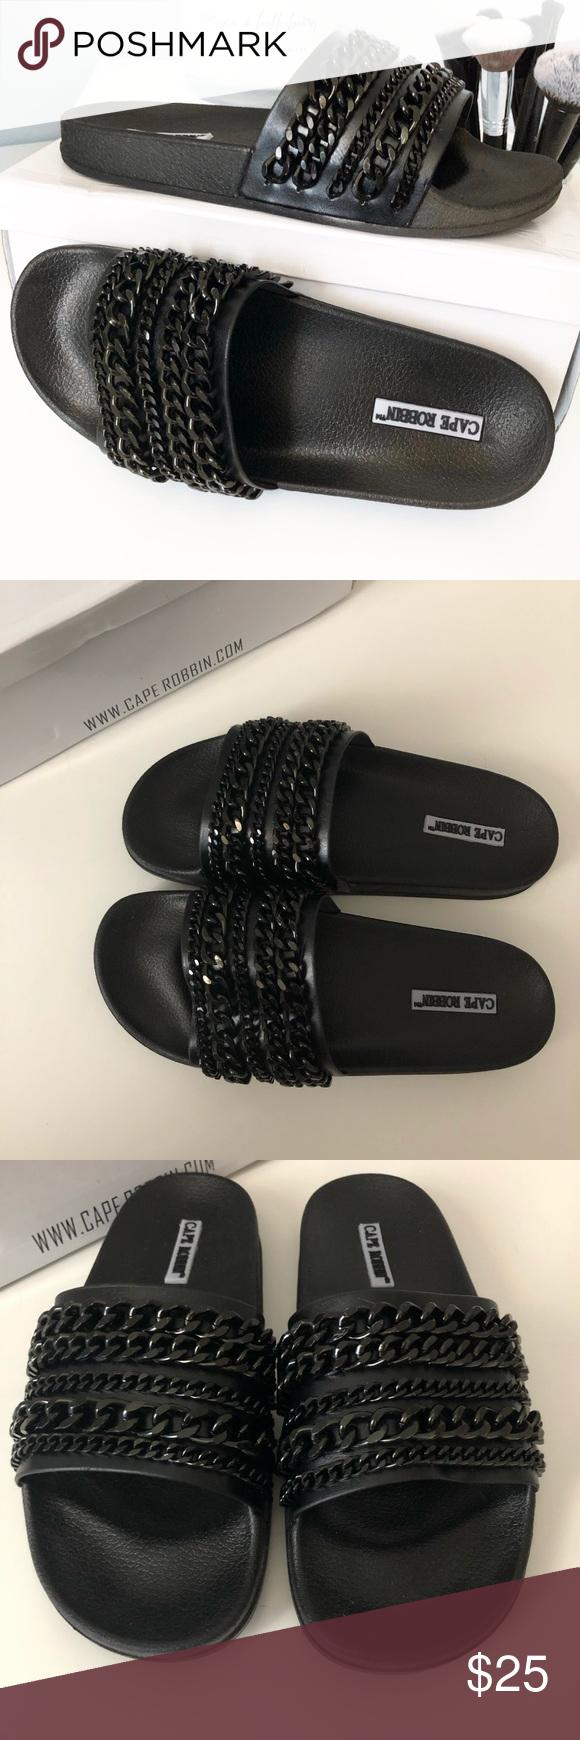 e823e07121b 💥FLASH SALE💥NIB Fashion Nova Black Chain Slides Brand new in box black  chain